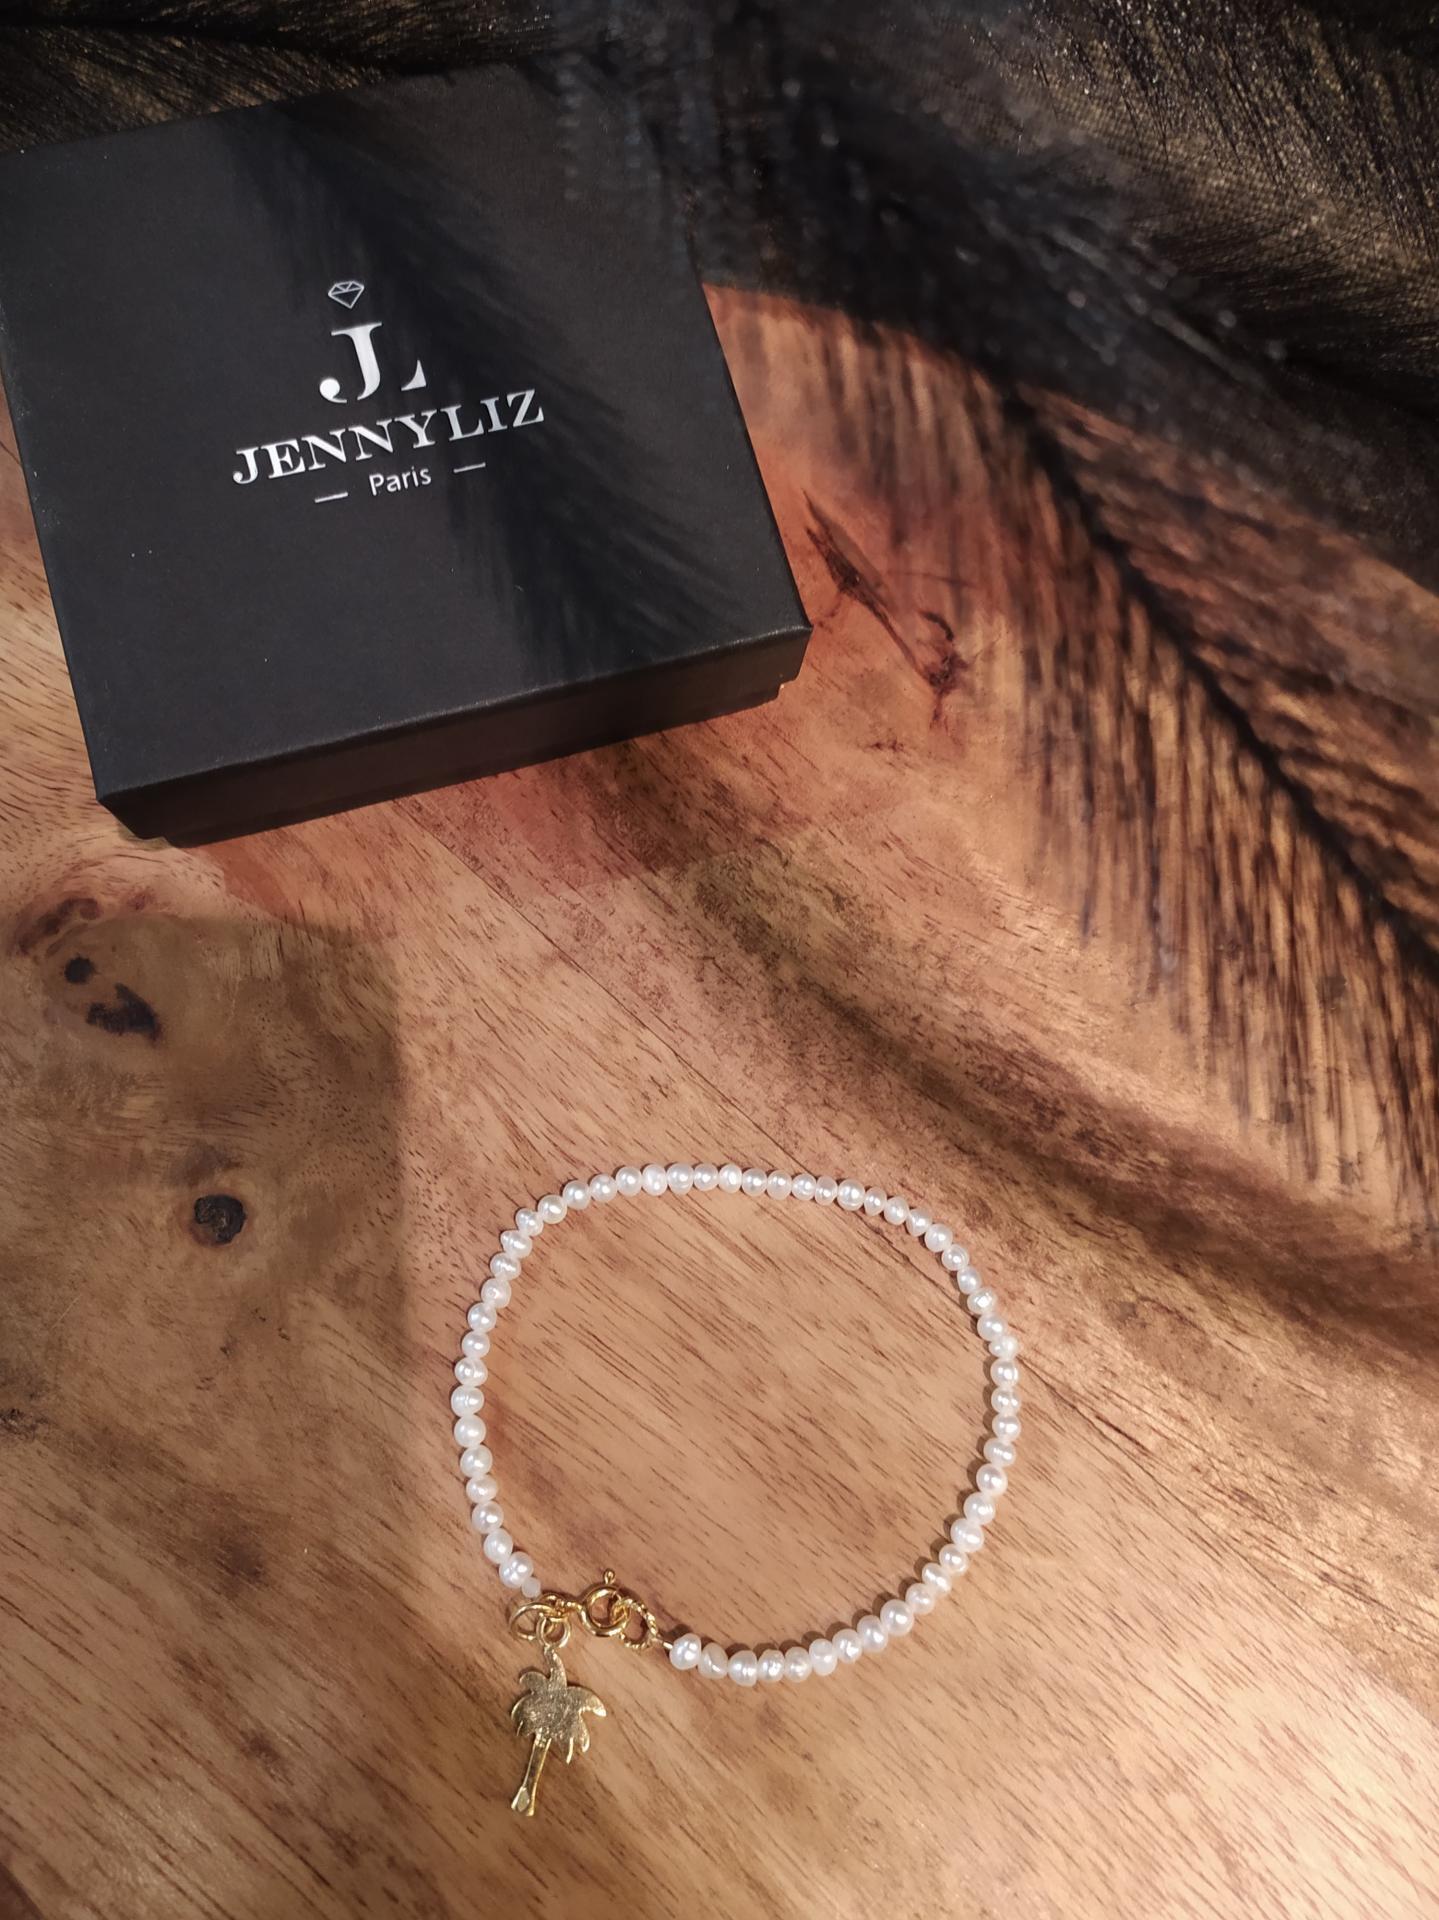 Bracelet ref 239 0 98 gr prix 55 eur longueur totale environ 18 cm